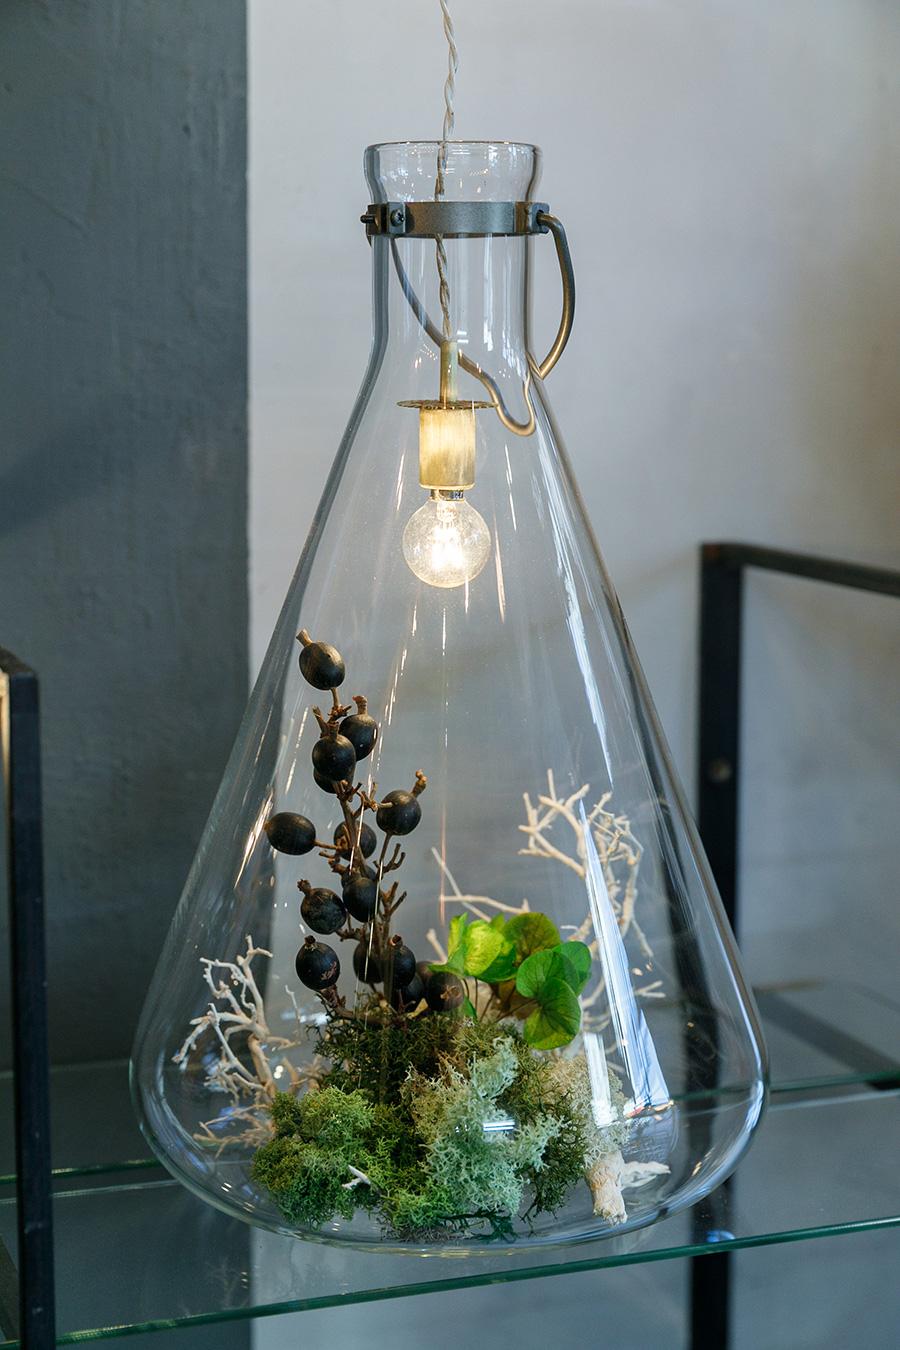 フラスコを置いて、中に電球を垂らして飾る方法も。フラスコ上部の吊り下げ金具は『無相創』オリジナル。